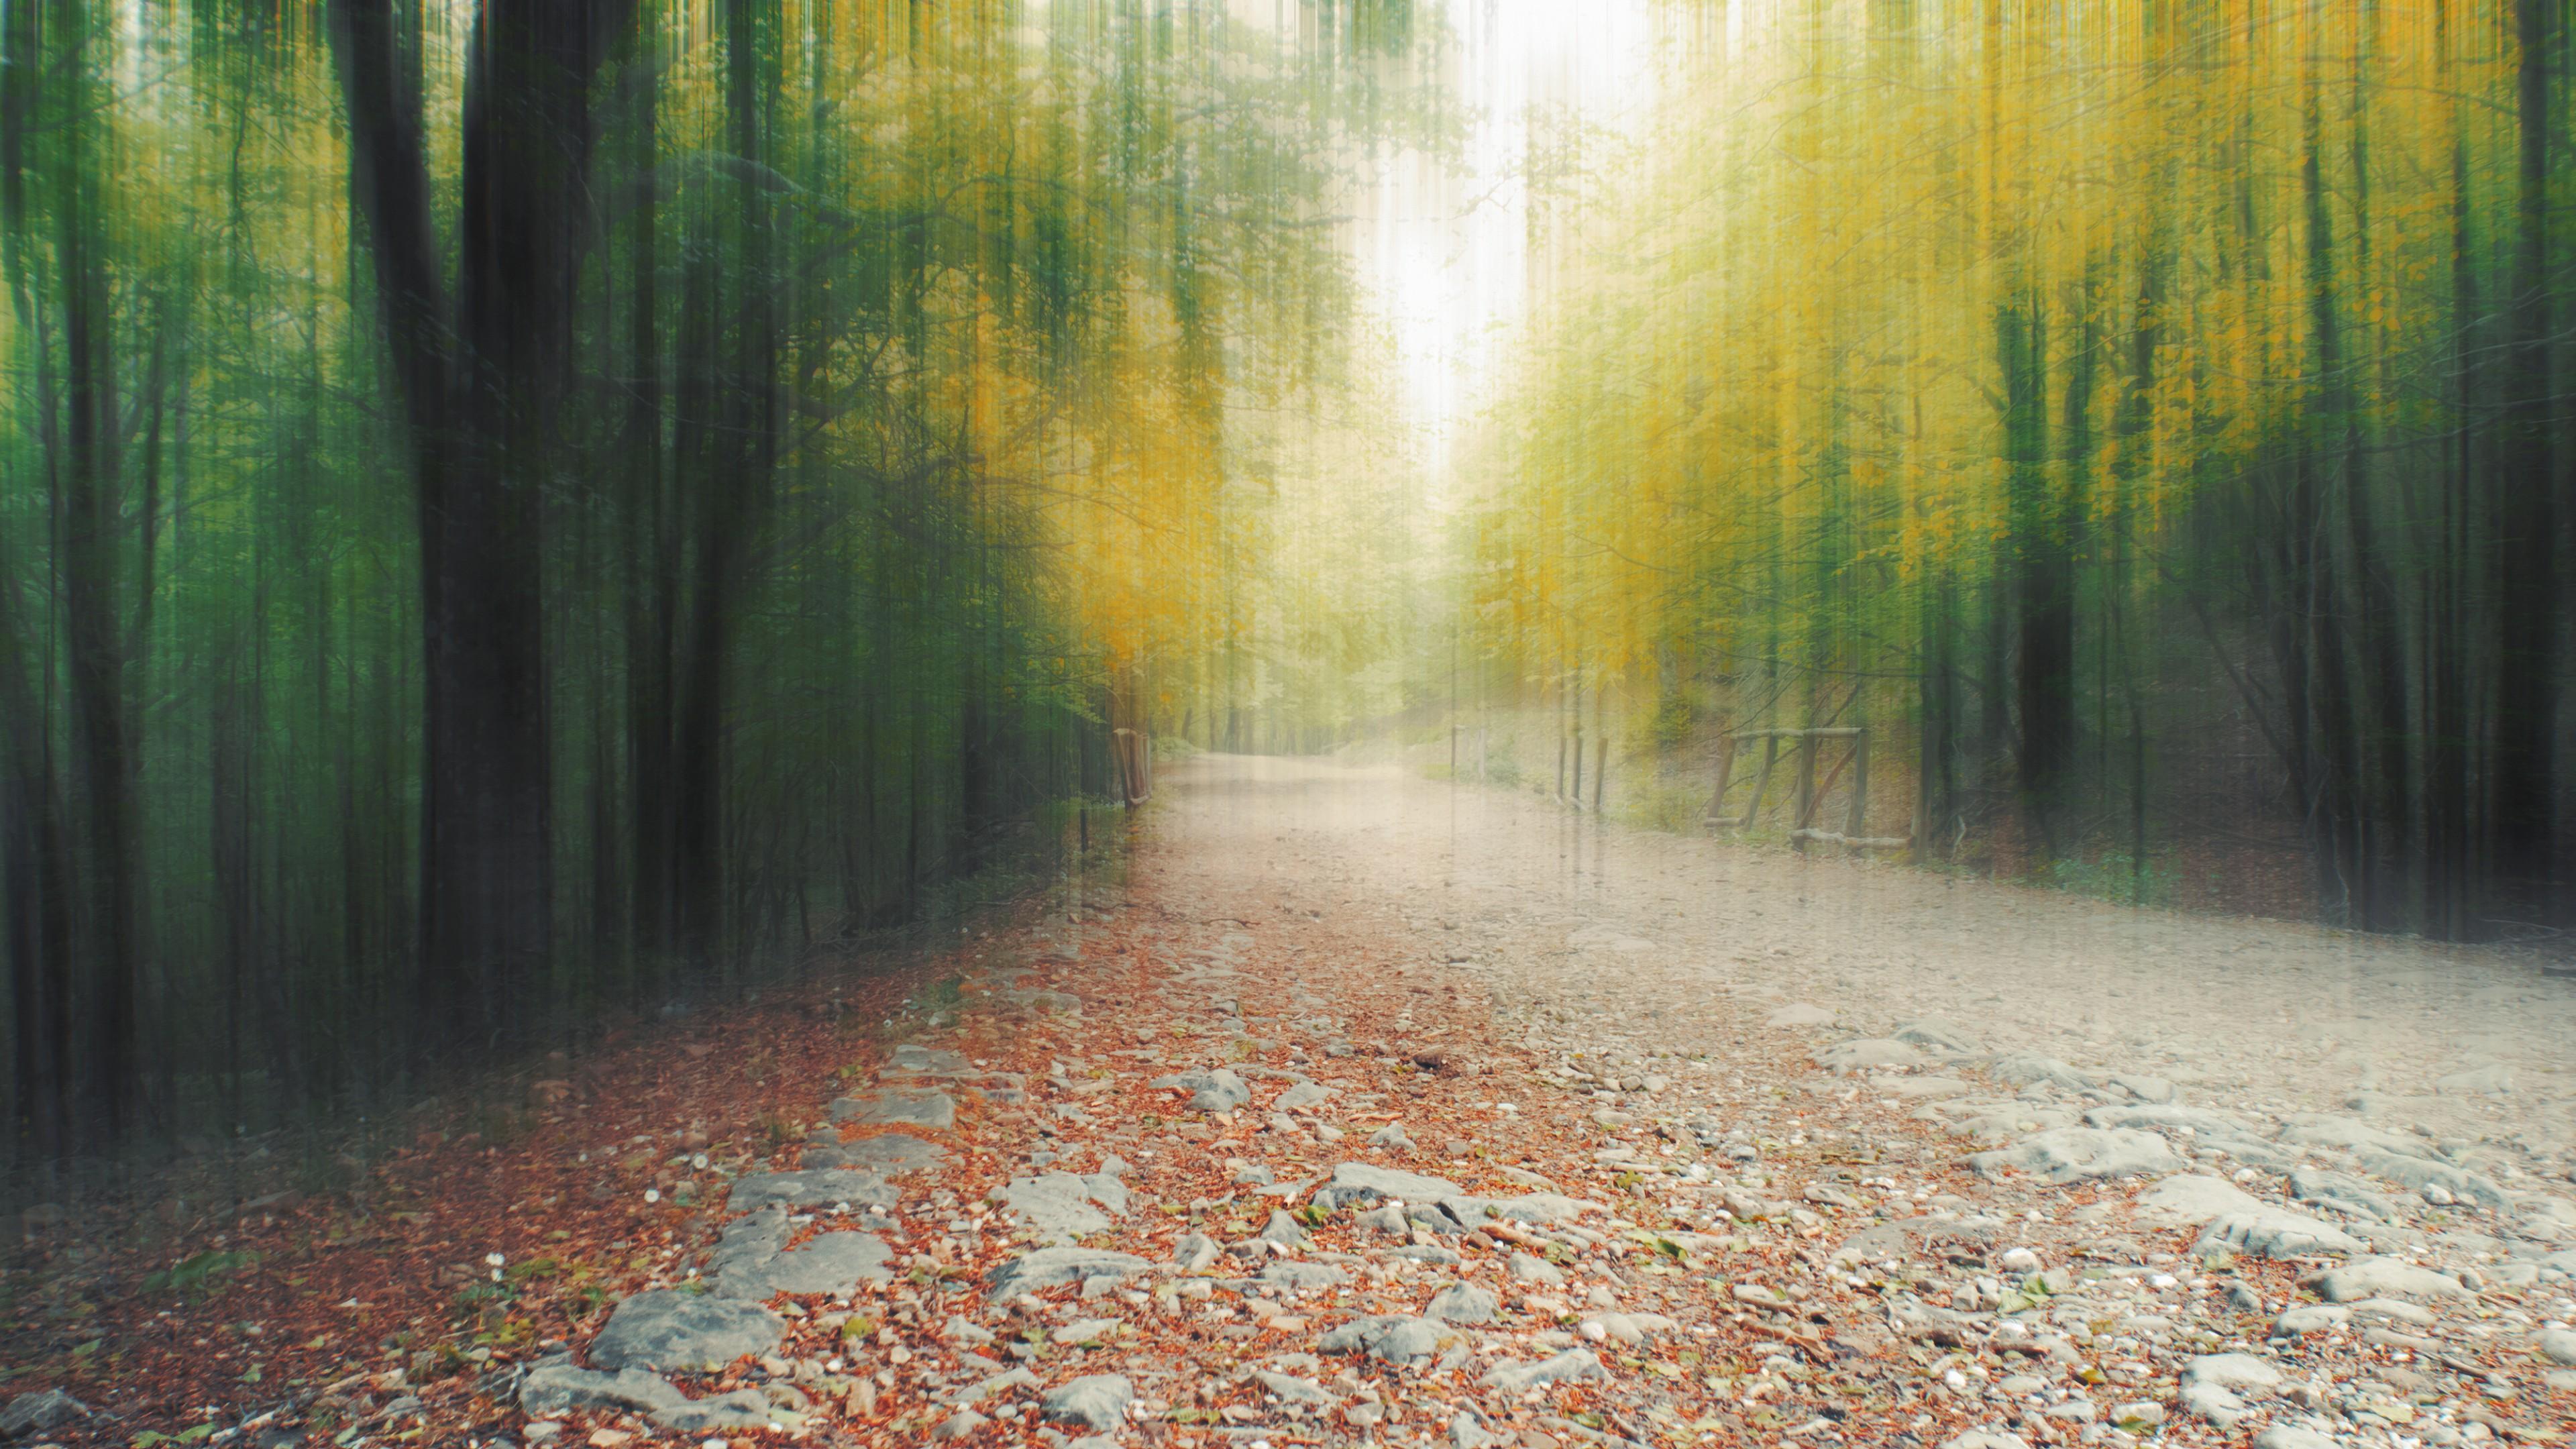 Фон  осенний размытый лес в каплях дождя и лужах